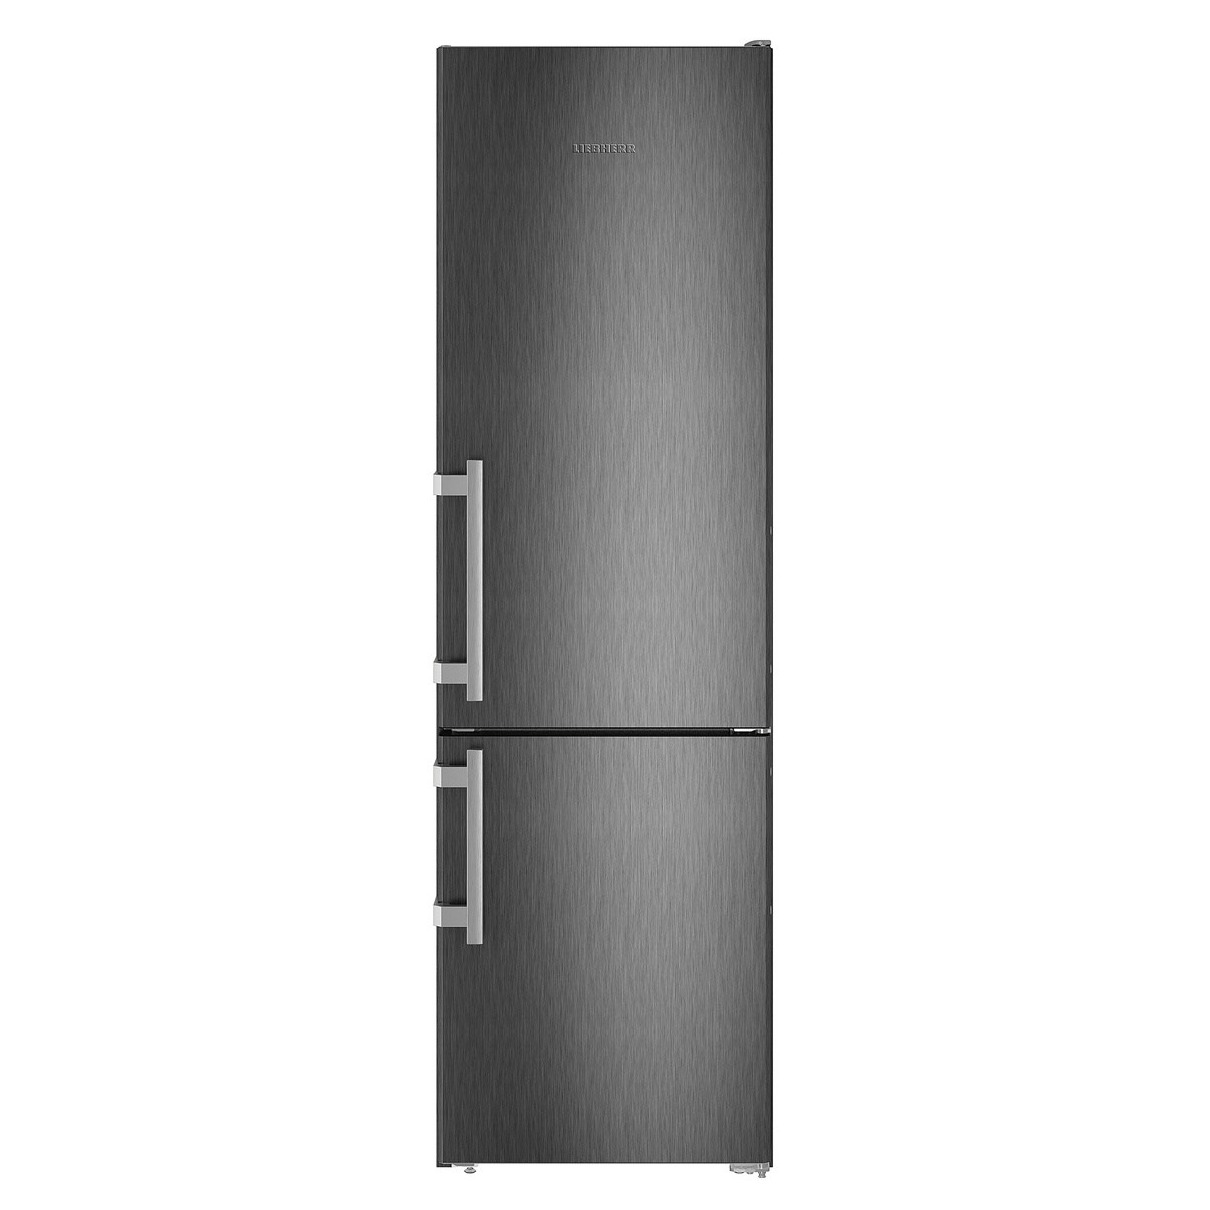 Liebherr koelkast met vriesvak CNbs 4015-20